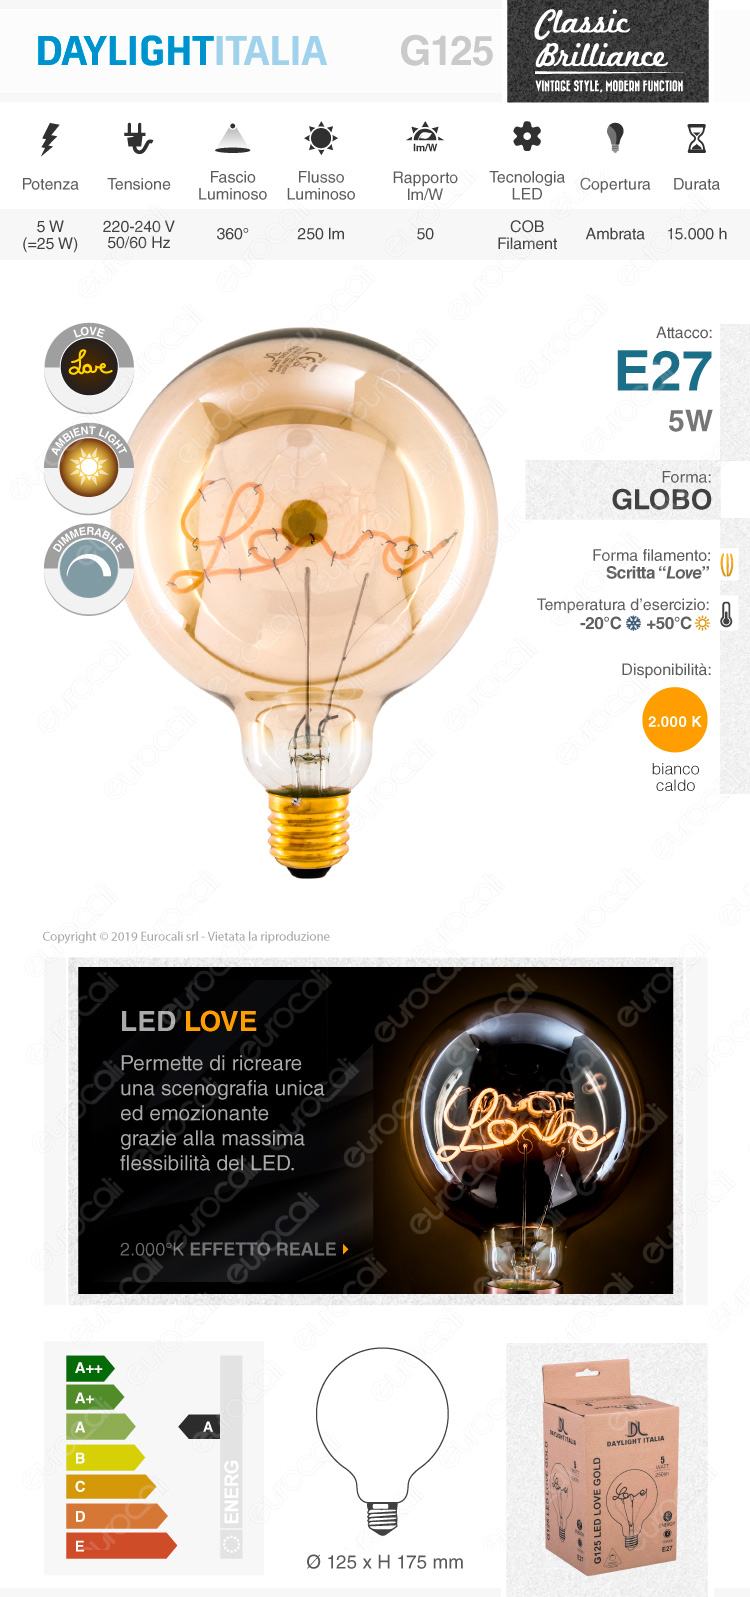 Daylight Lampadina E27 Filamento LED Scritta Love Cuore 5W Globo G125 Vetro Ambrato Dimmerabile - mod. 700232.0DA